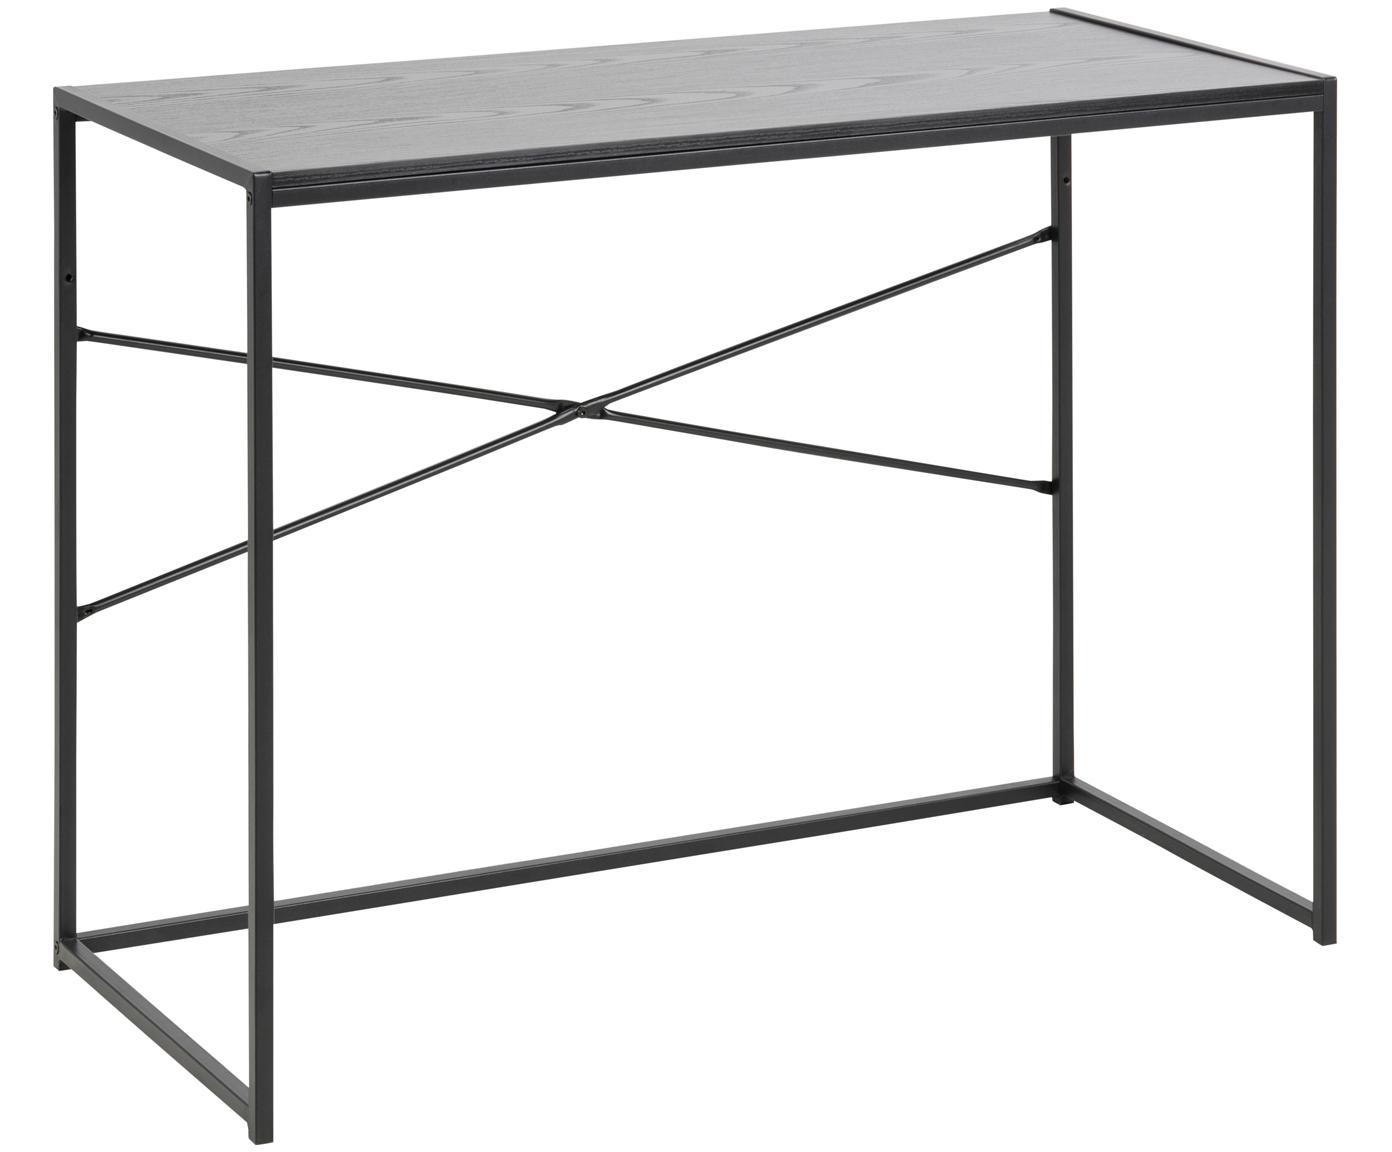 Scrivania in legno e metallo Seaford, Struttura: metallo verniciato a polv, Piano d'appoggio: pannello di fibra a media, Nero, Larg. 100 x Prof. 45 cm